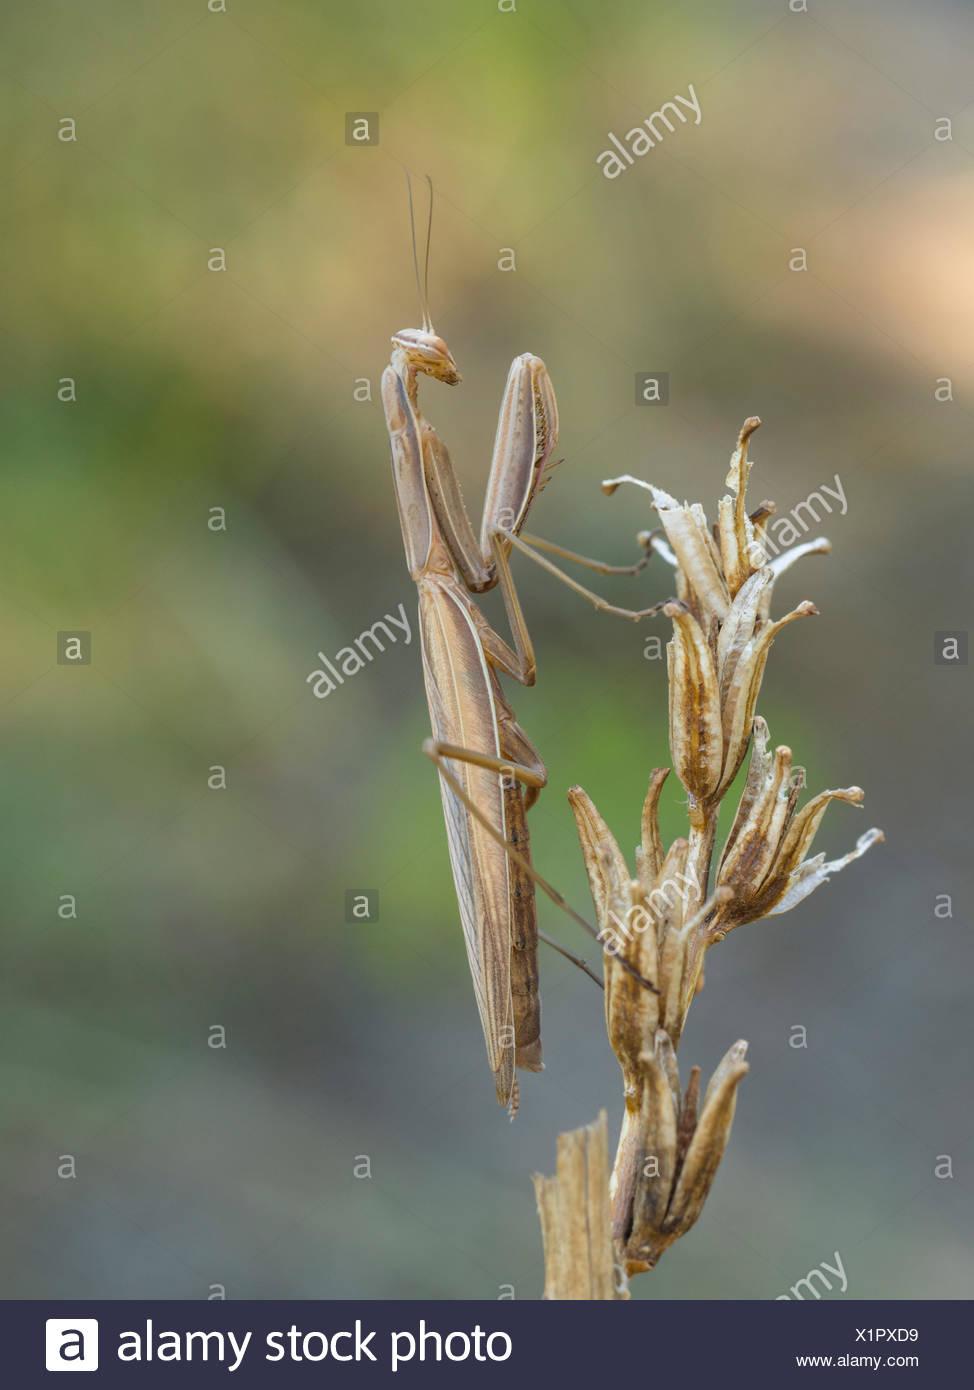 European mantis (Mantis religiosa) - Stock Image